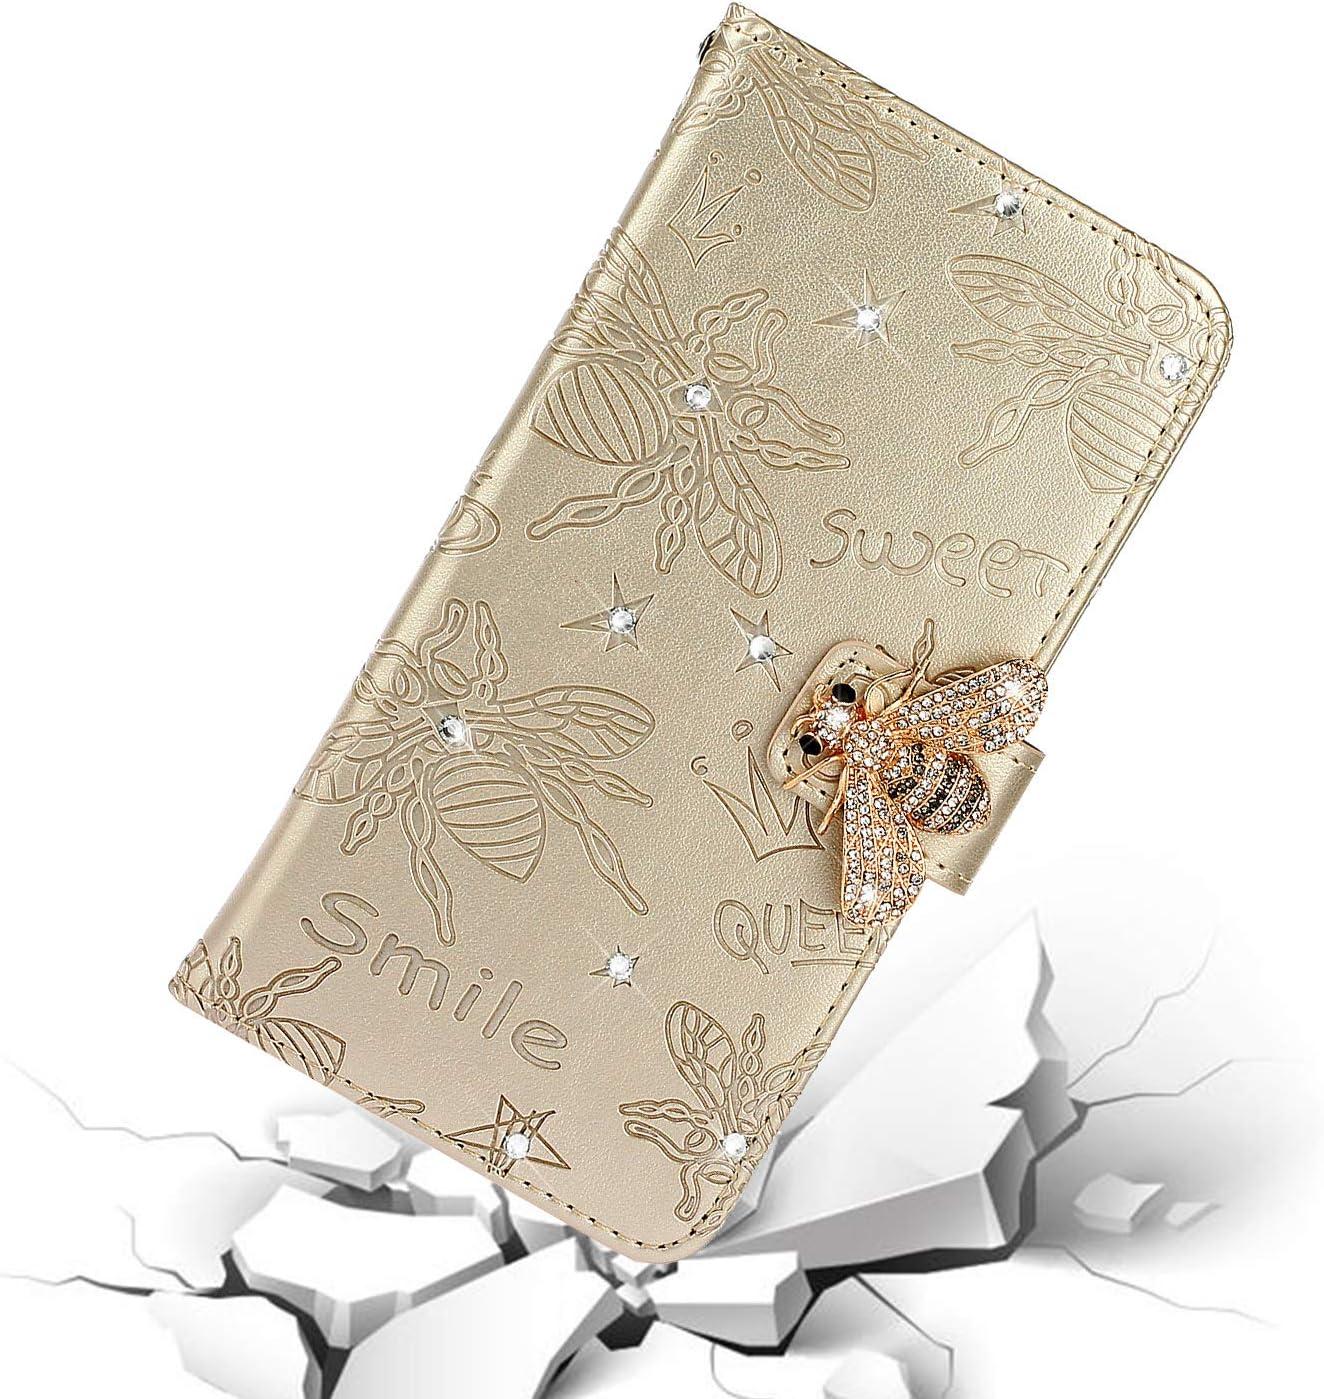 Homikon PU Leder H/ülle Retro Sch/ön Biene Muster Schutzh/ülle Bling Gl/änzend Glitzer Diamant Handyh/ülle f/ür M/ädchen Brieftasche Ledertasche Etui Flip Case Kompatibel mit Samsung Galaxy A20e Gold